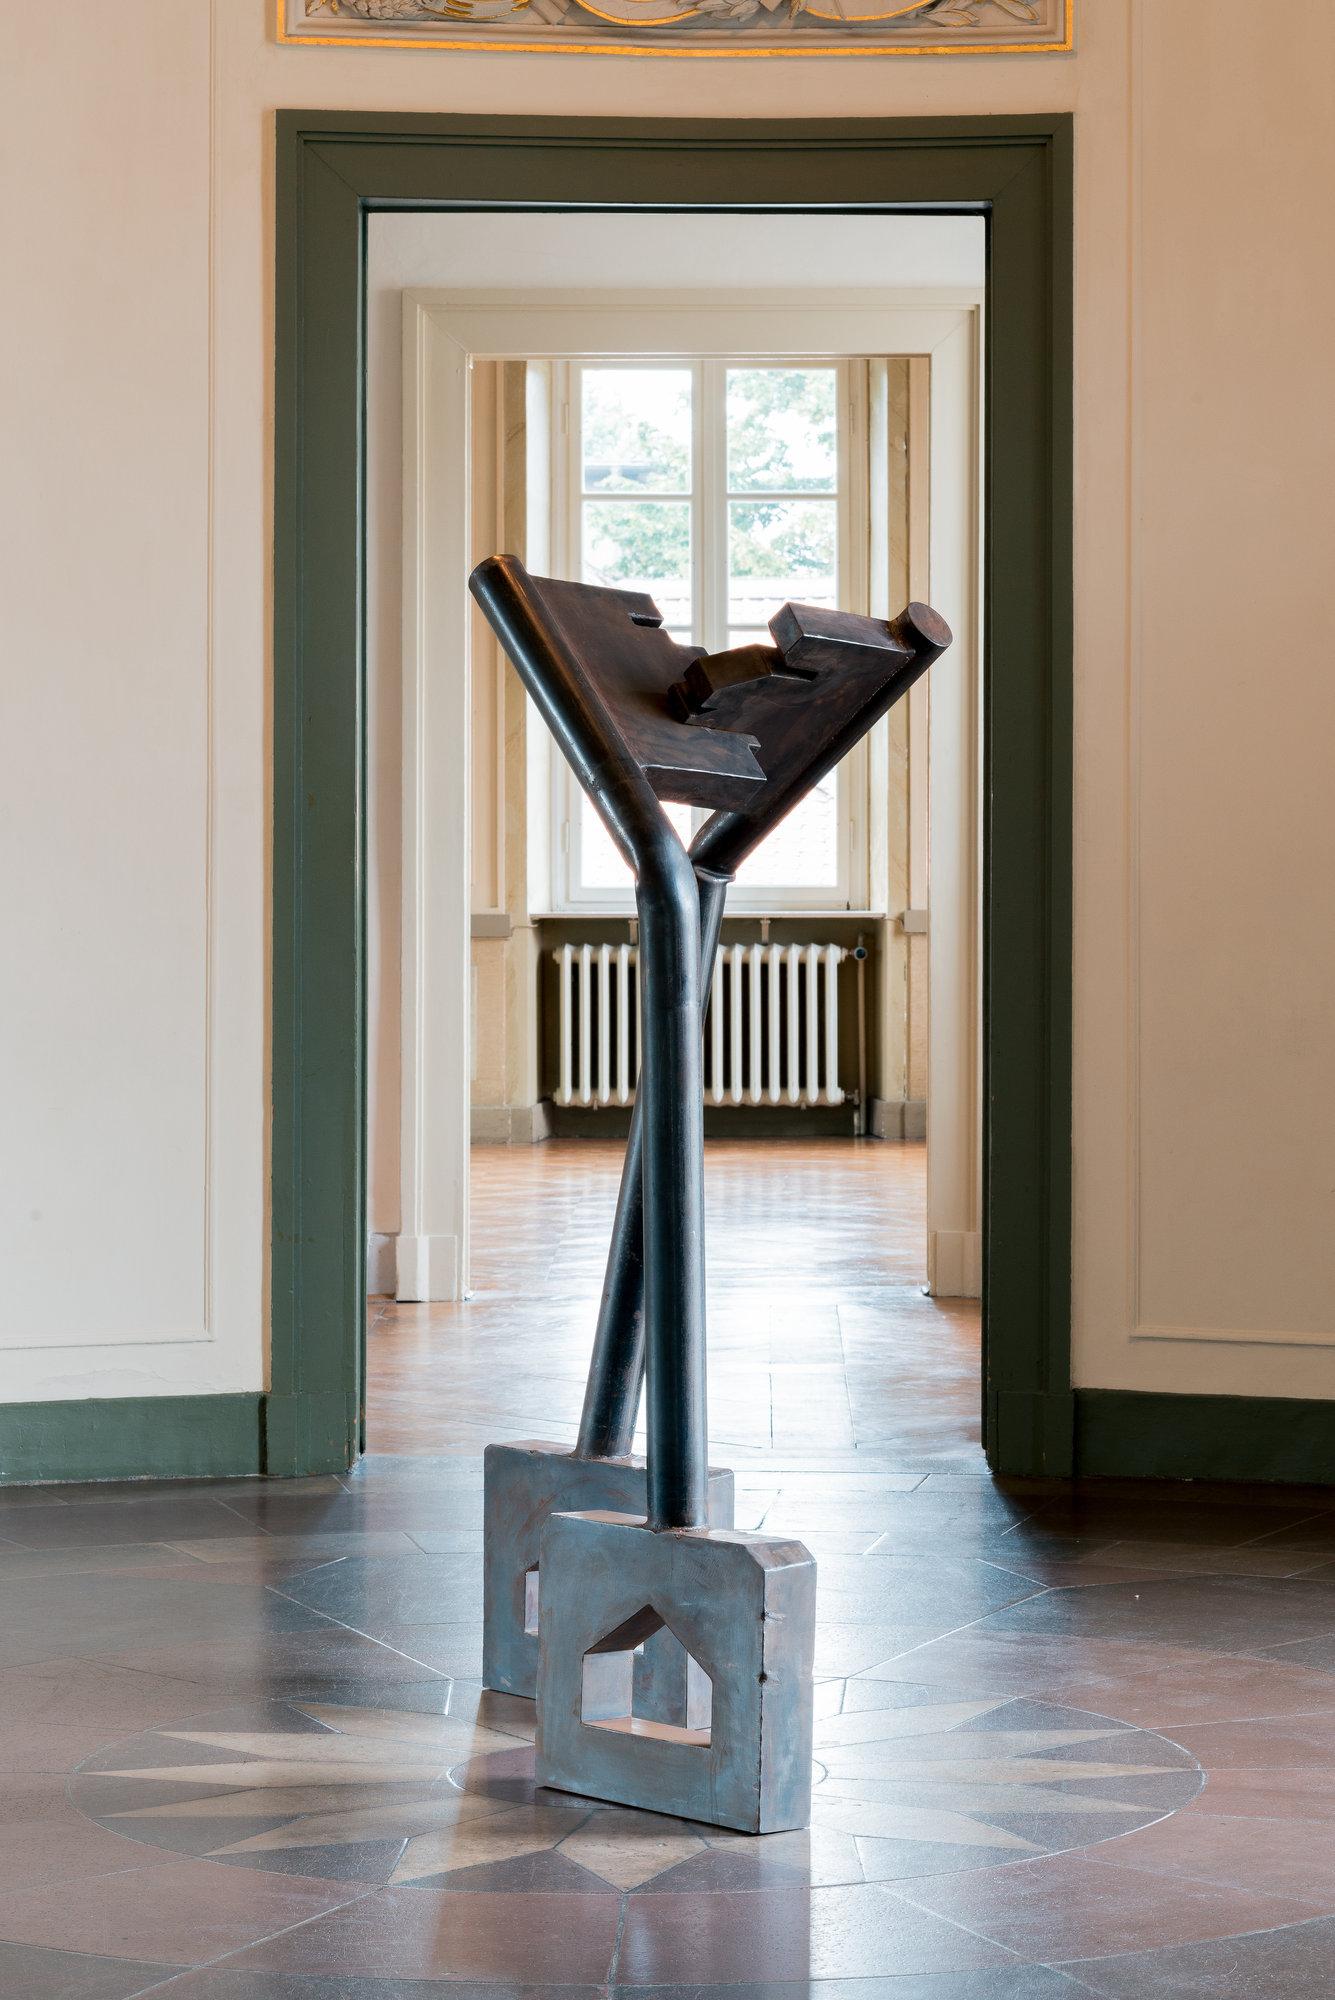 Open House at Kunstverein Braunschweig_Fudakowski 1